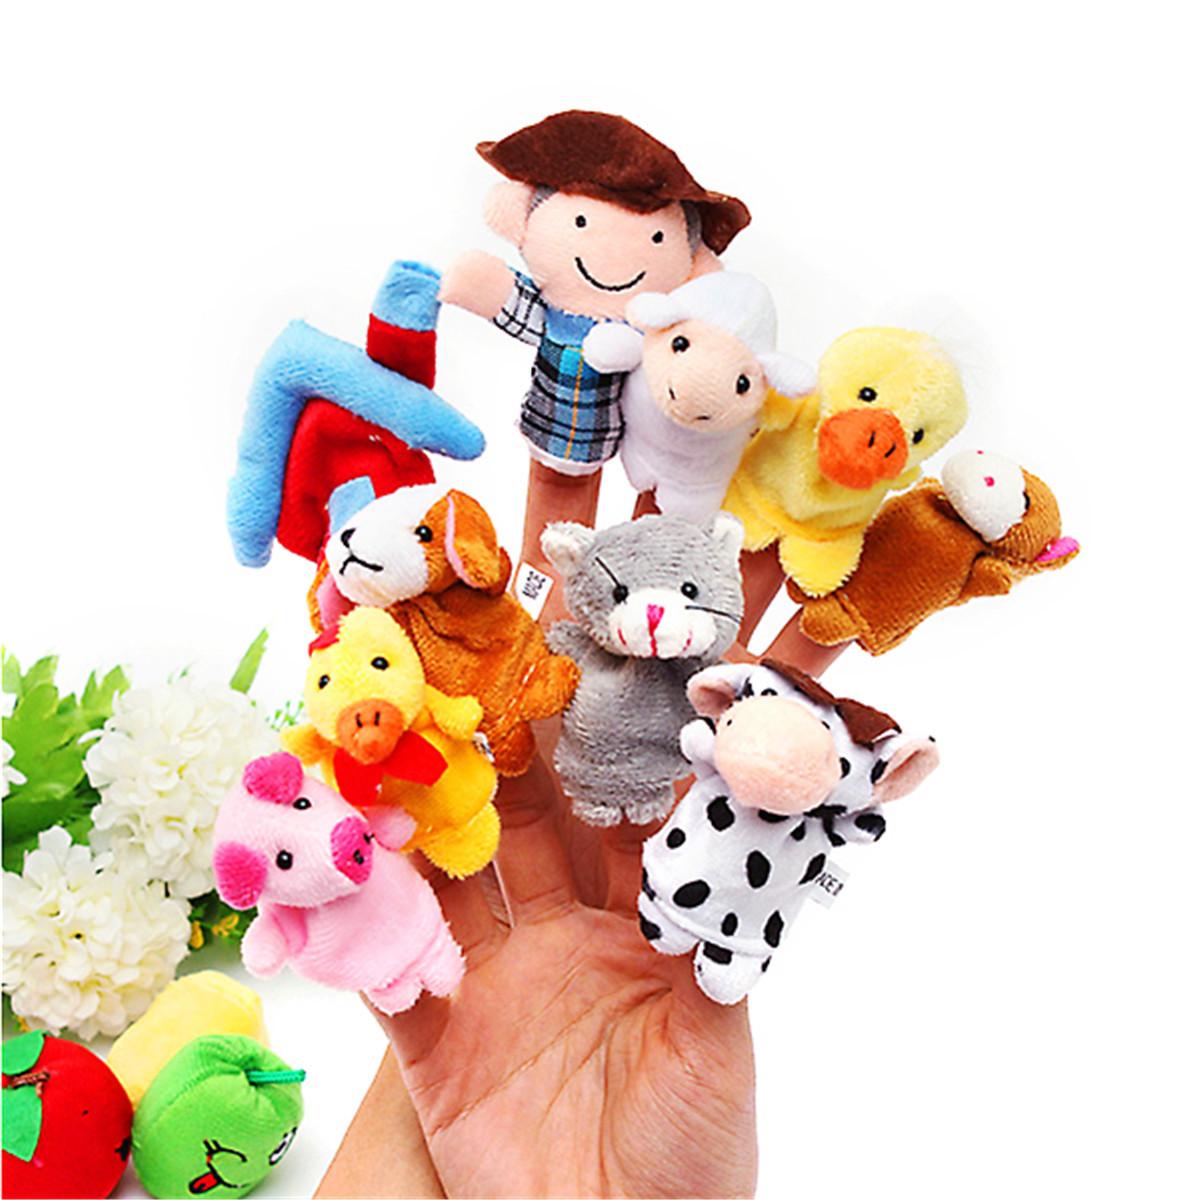 10 ПК Family Finger Puppets Ткань Кукла Детская обучающая игрушка для рук - 1TopShop